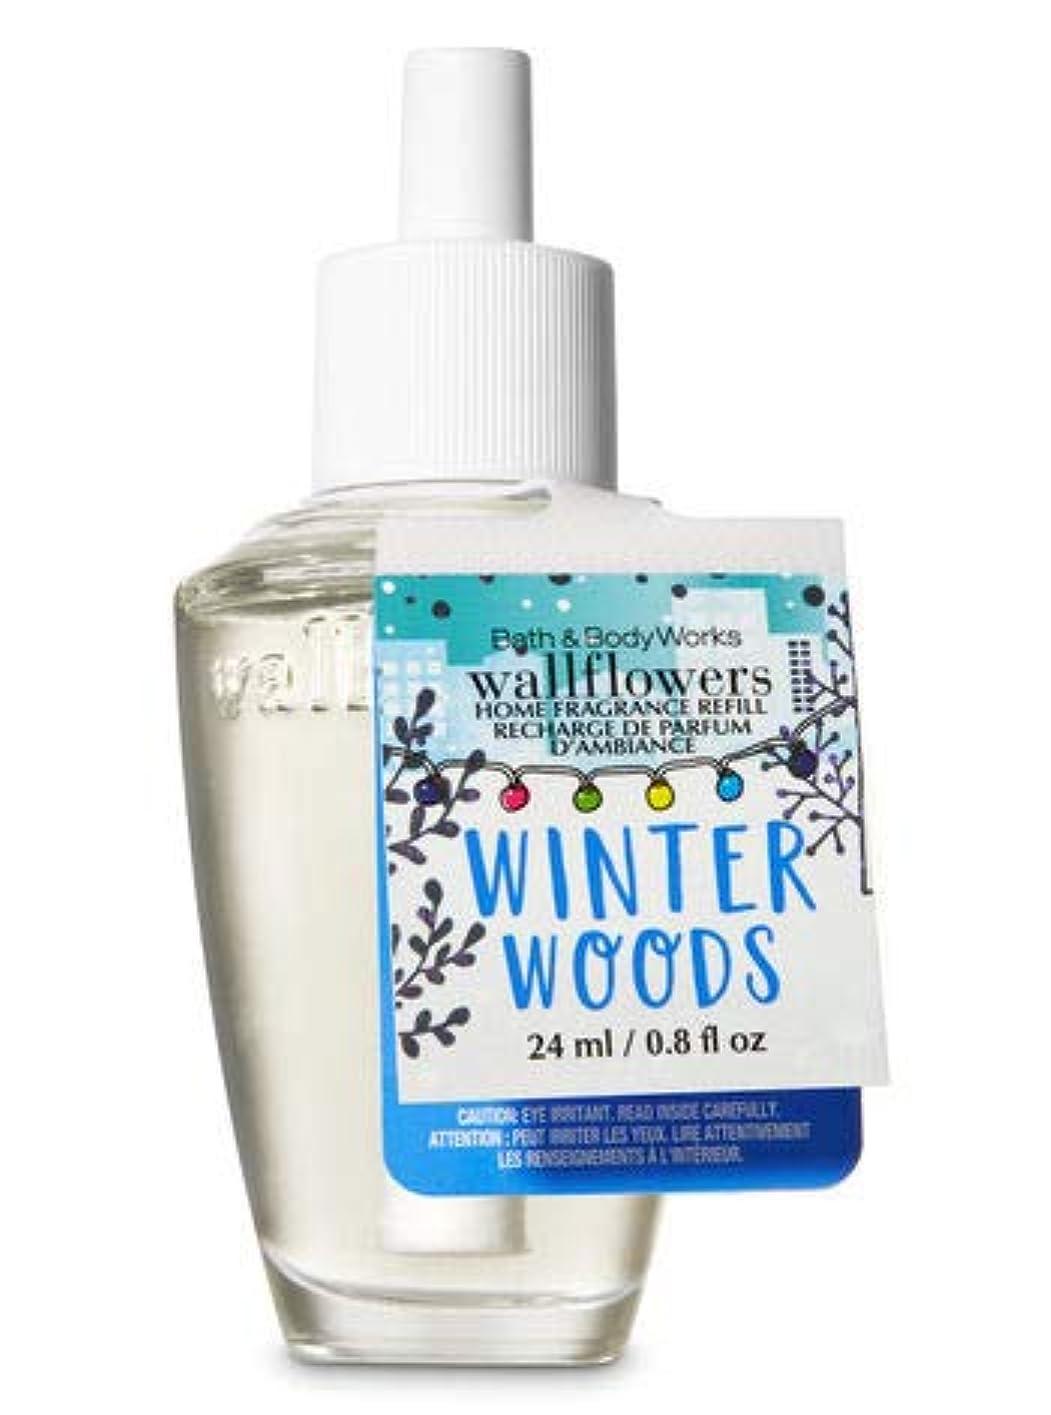 キラウエア山キャップコンペ【Bath&Body Works/バス&ボディワークス】 ルームフレグランス 詰替えリフィル ウィンターウッズ Wallflowers Home Fragrance Refill Winter Woods [並行輸入品]